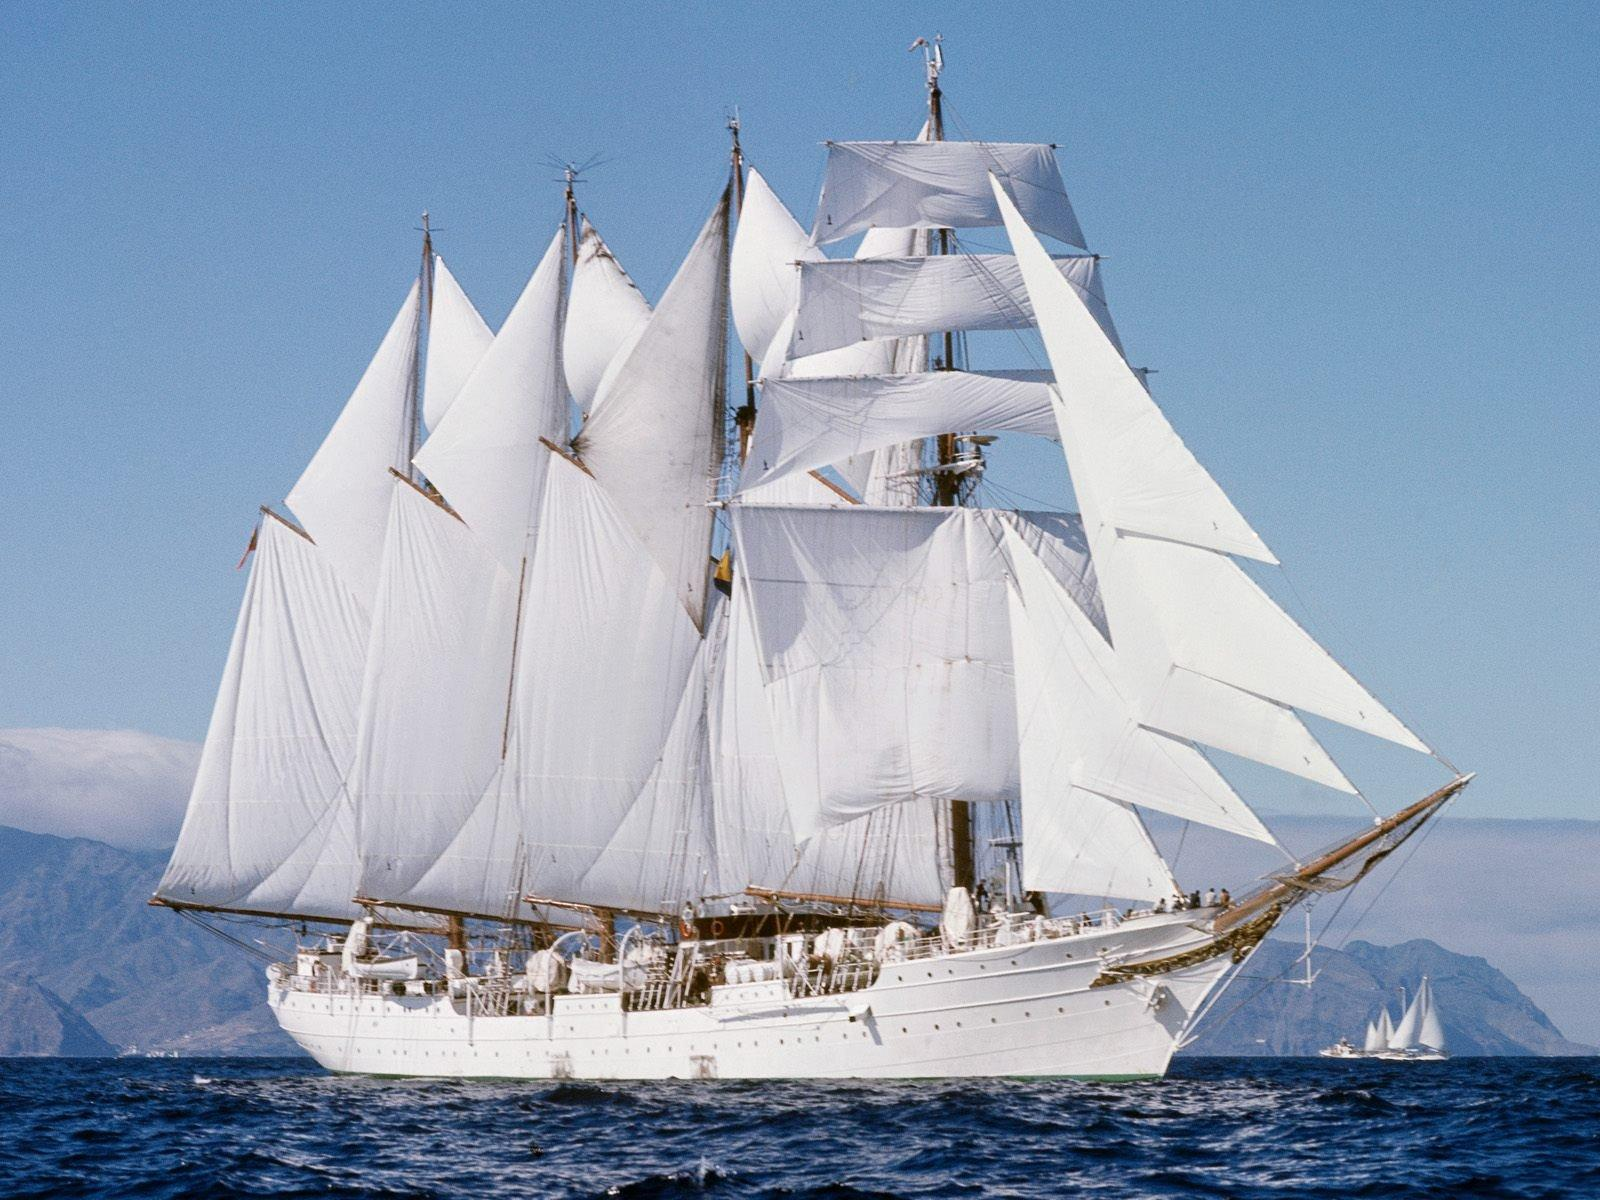 Aguamarina transportes mar timos for Timon de groot